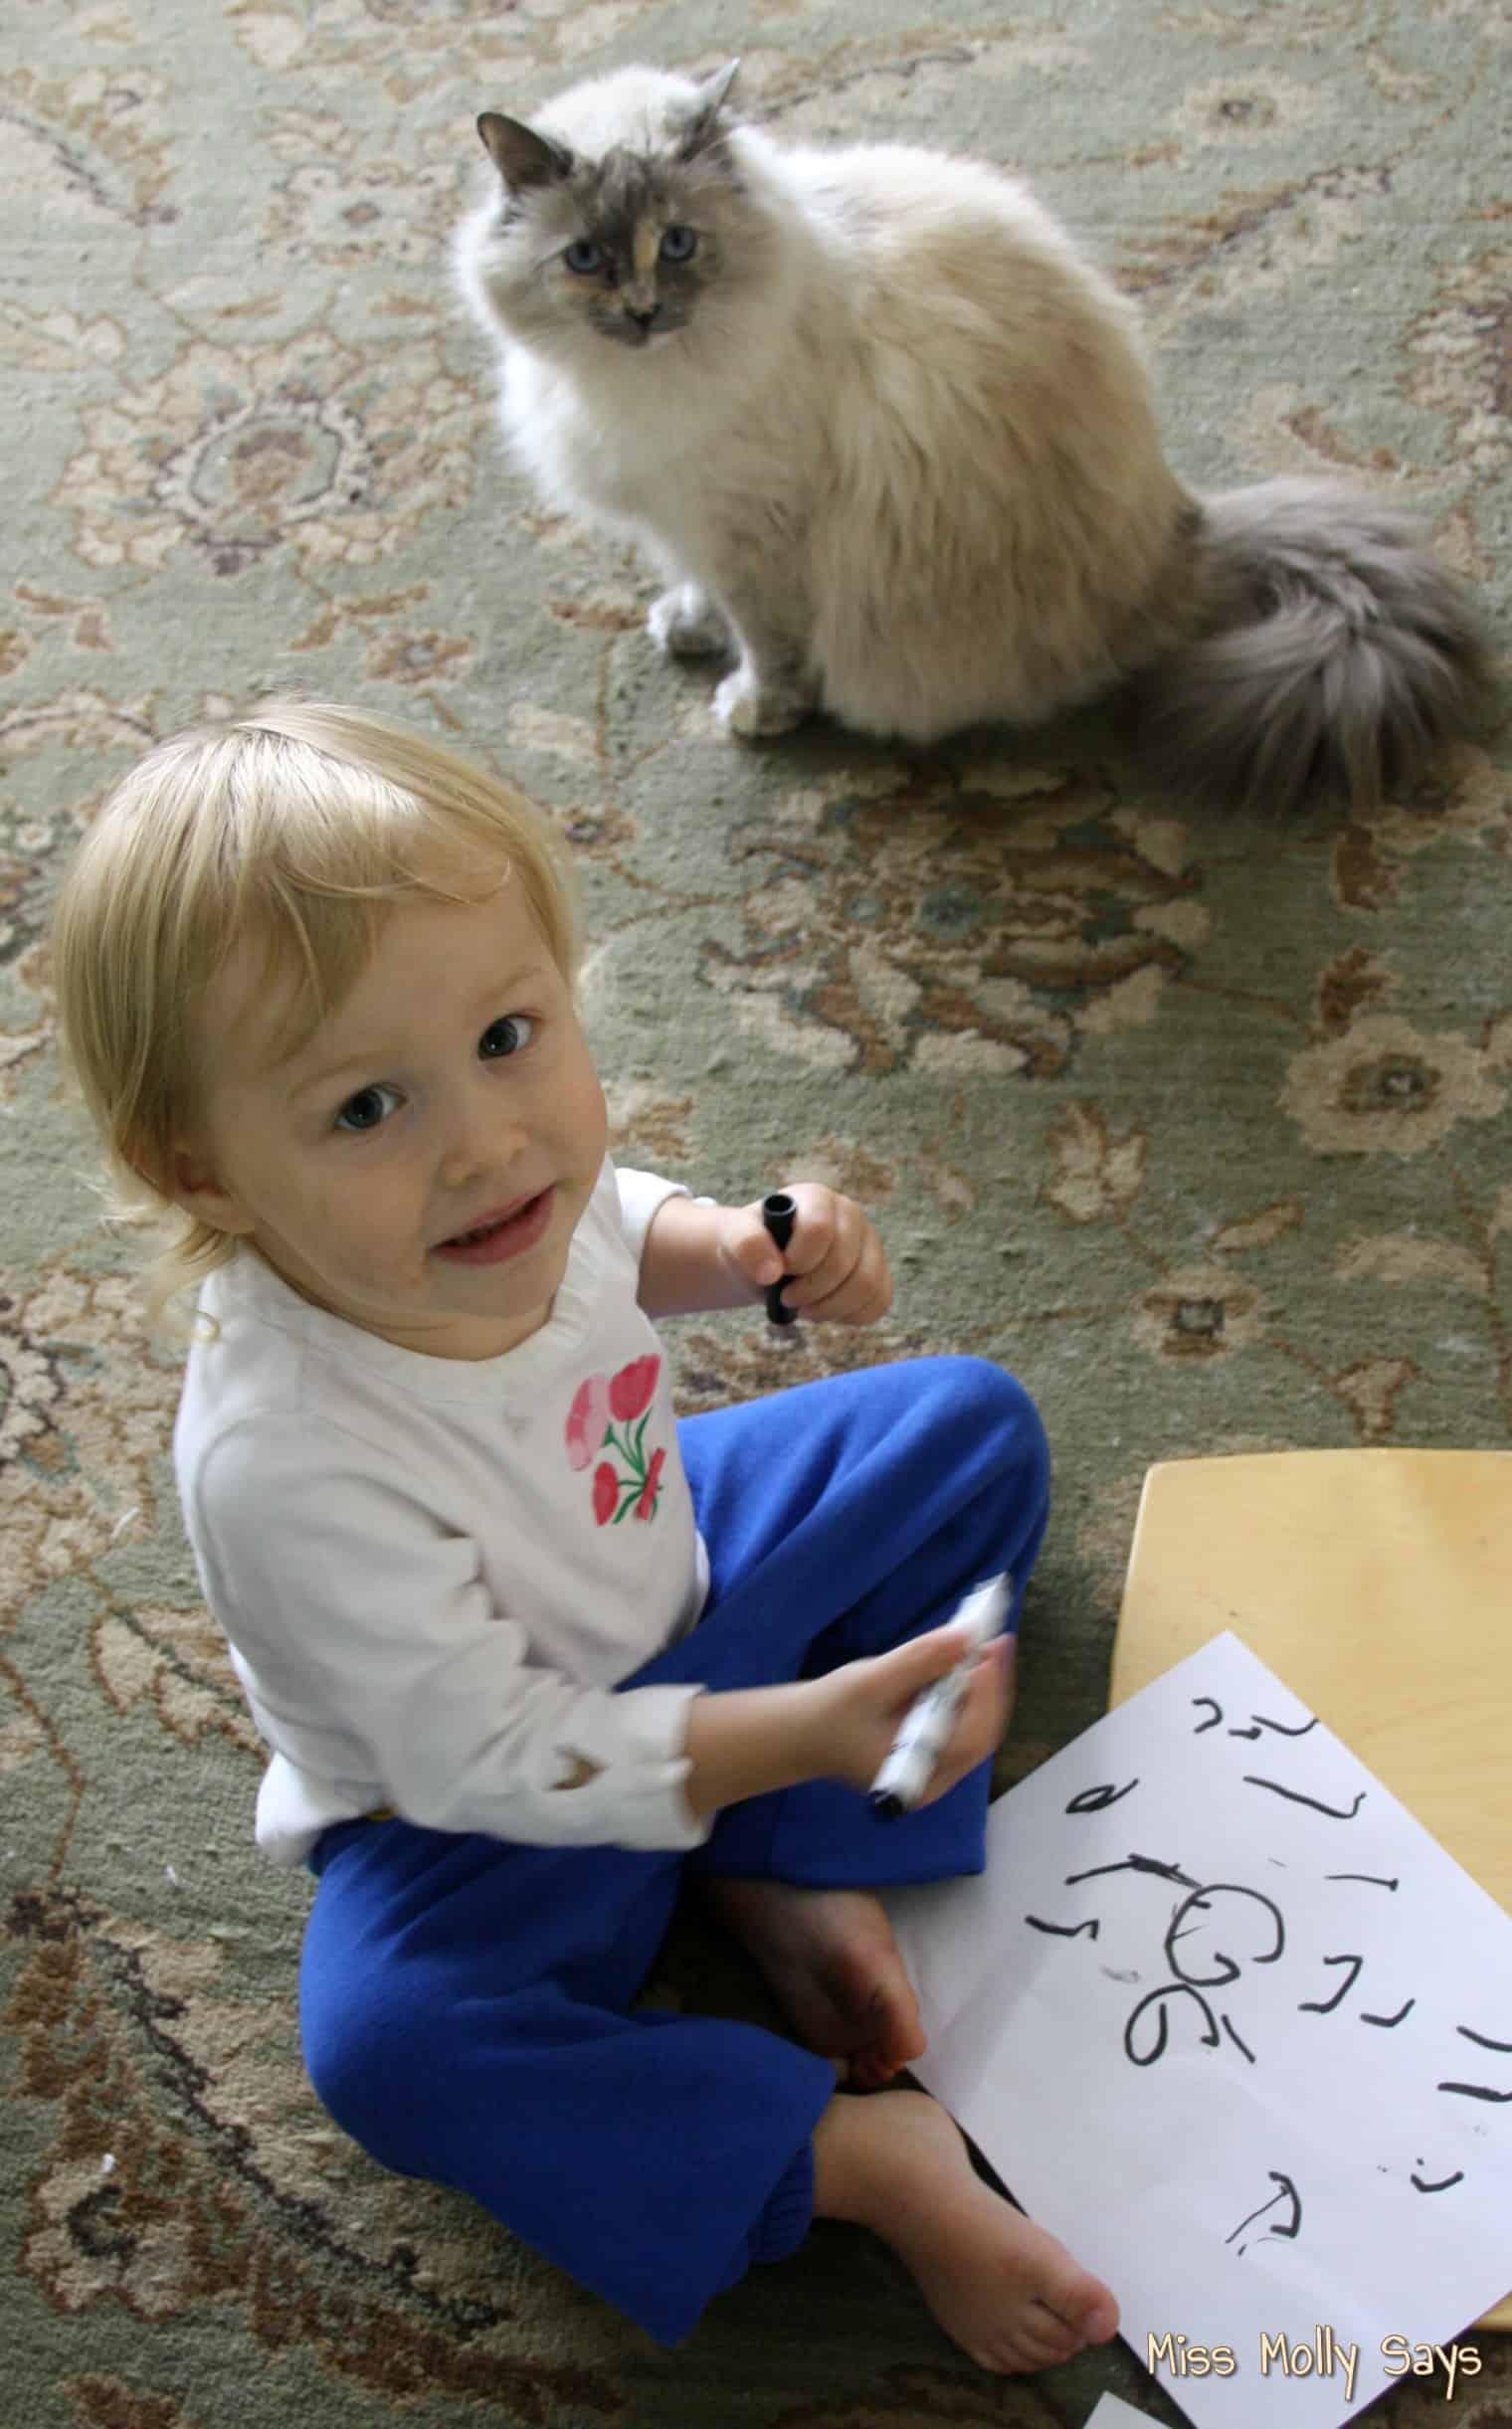 cat watching baby draw